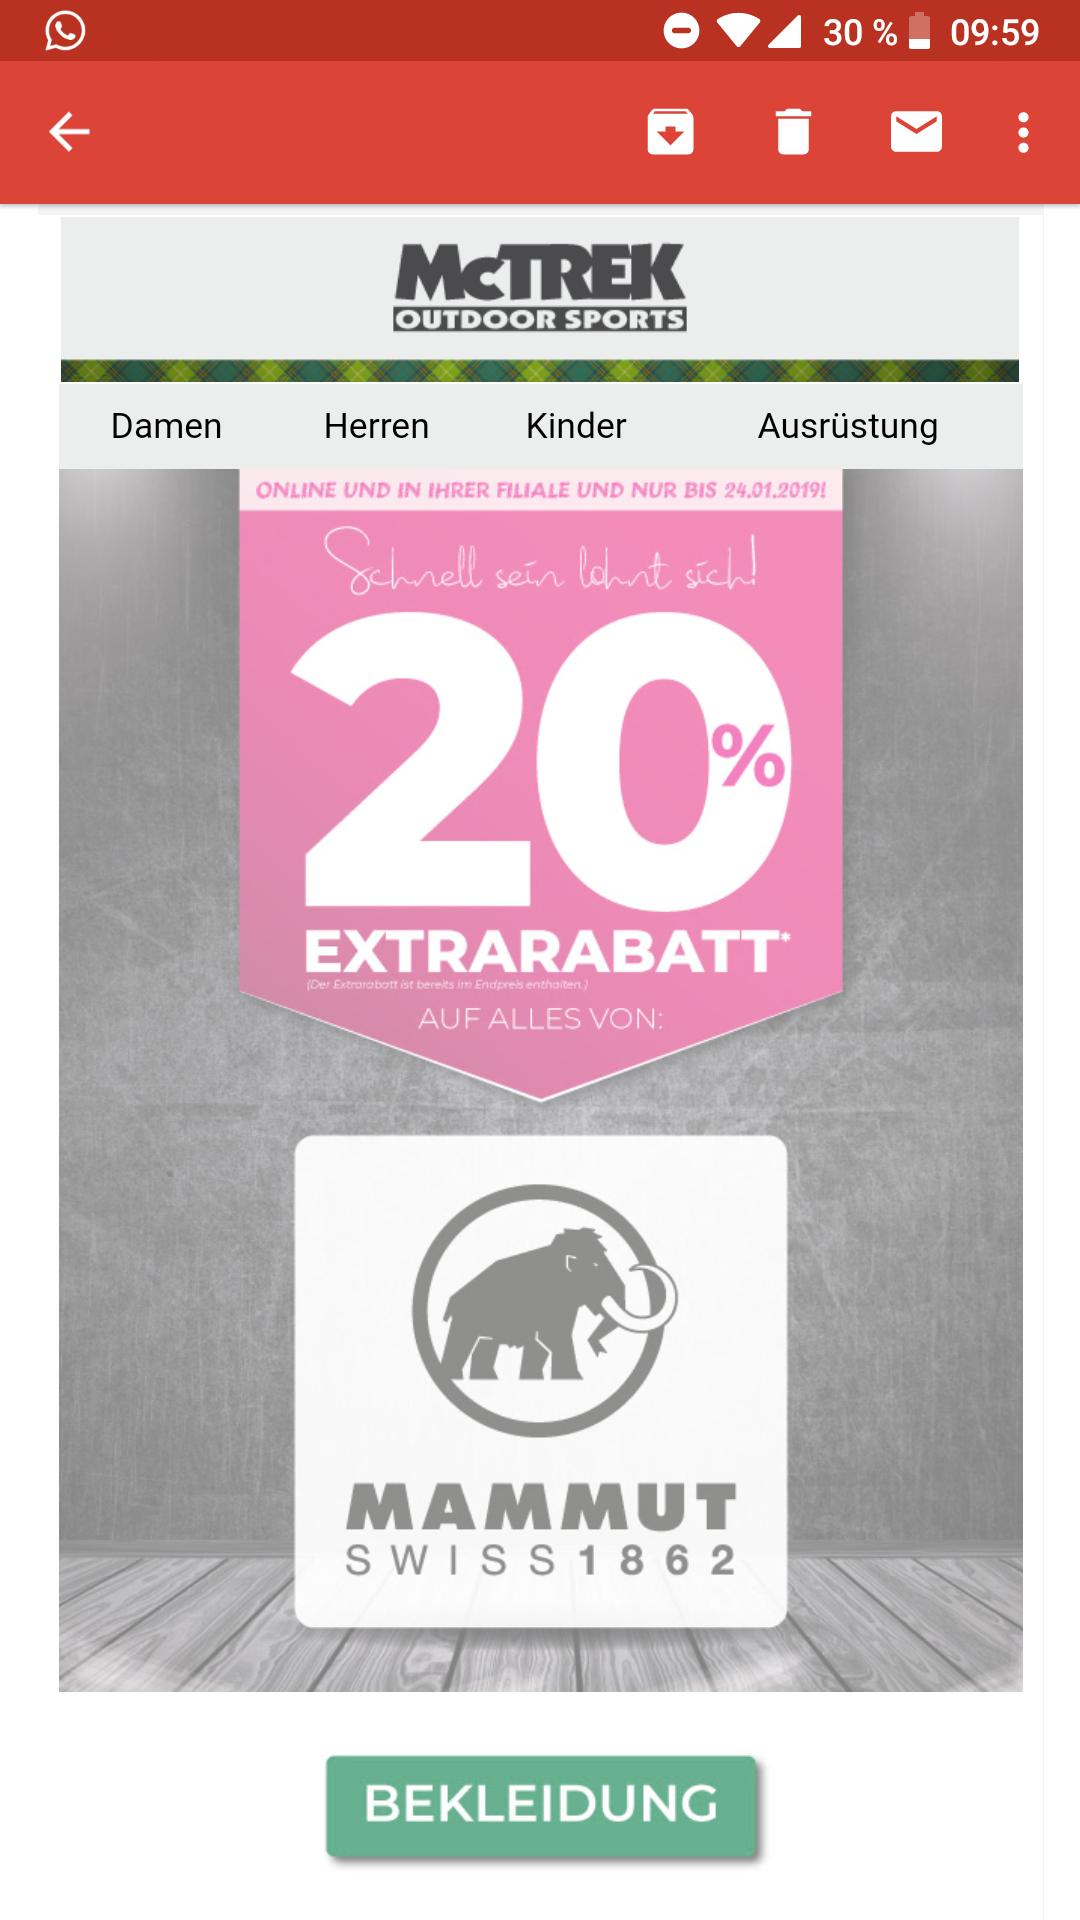 Mammut Sale bei McTrek online und offline. Mindestens 20 %